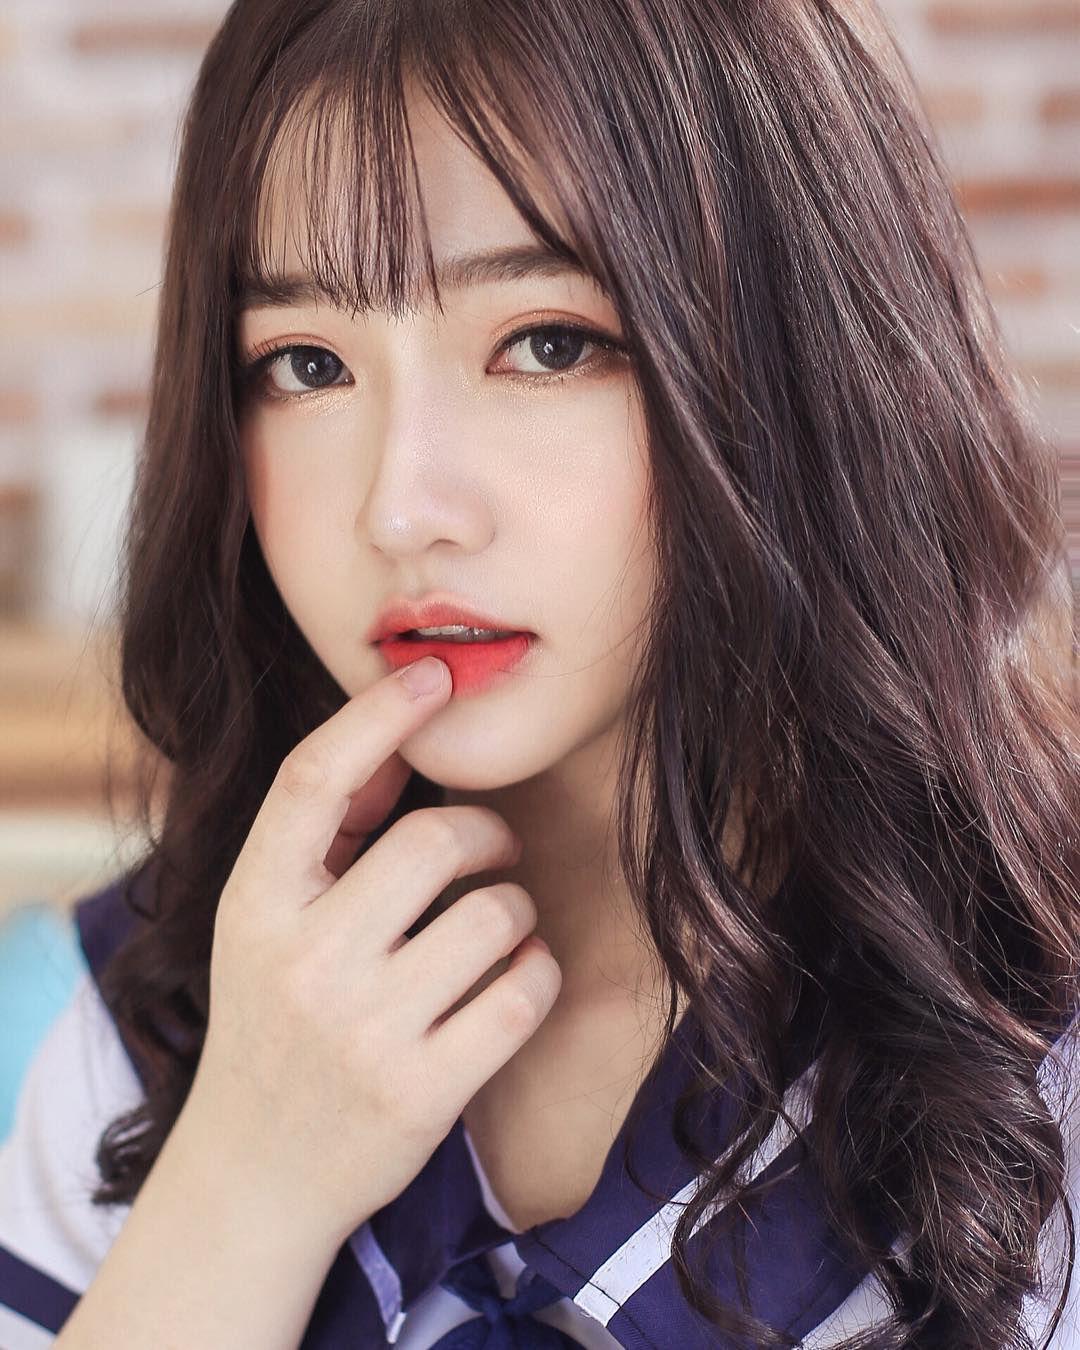 Ngắm ảnh Hot Girl Nguyễn Thùy Trang xinh đẹp quá cute